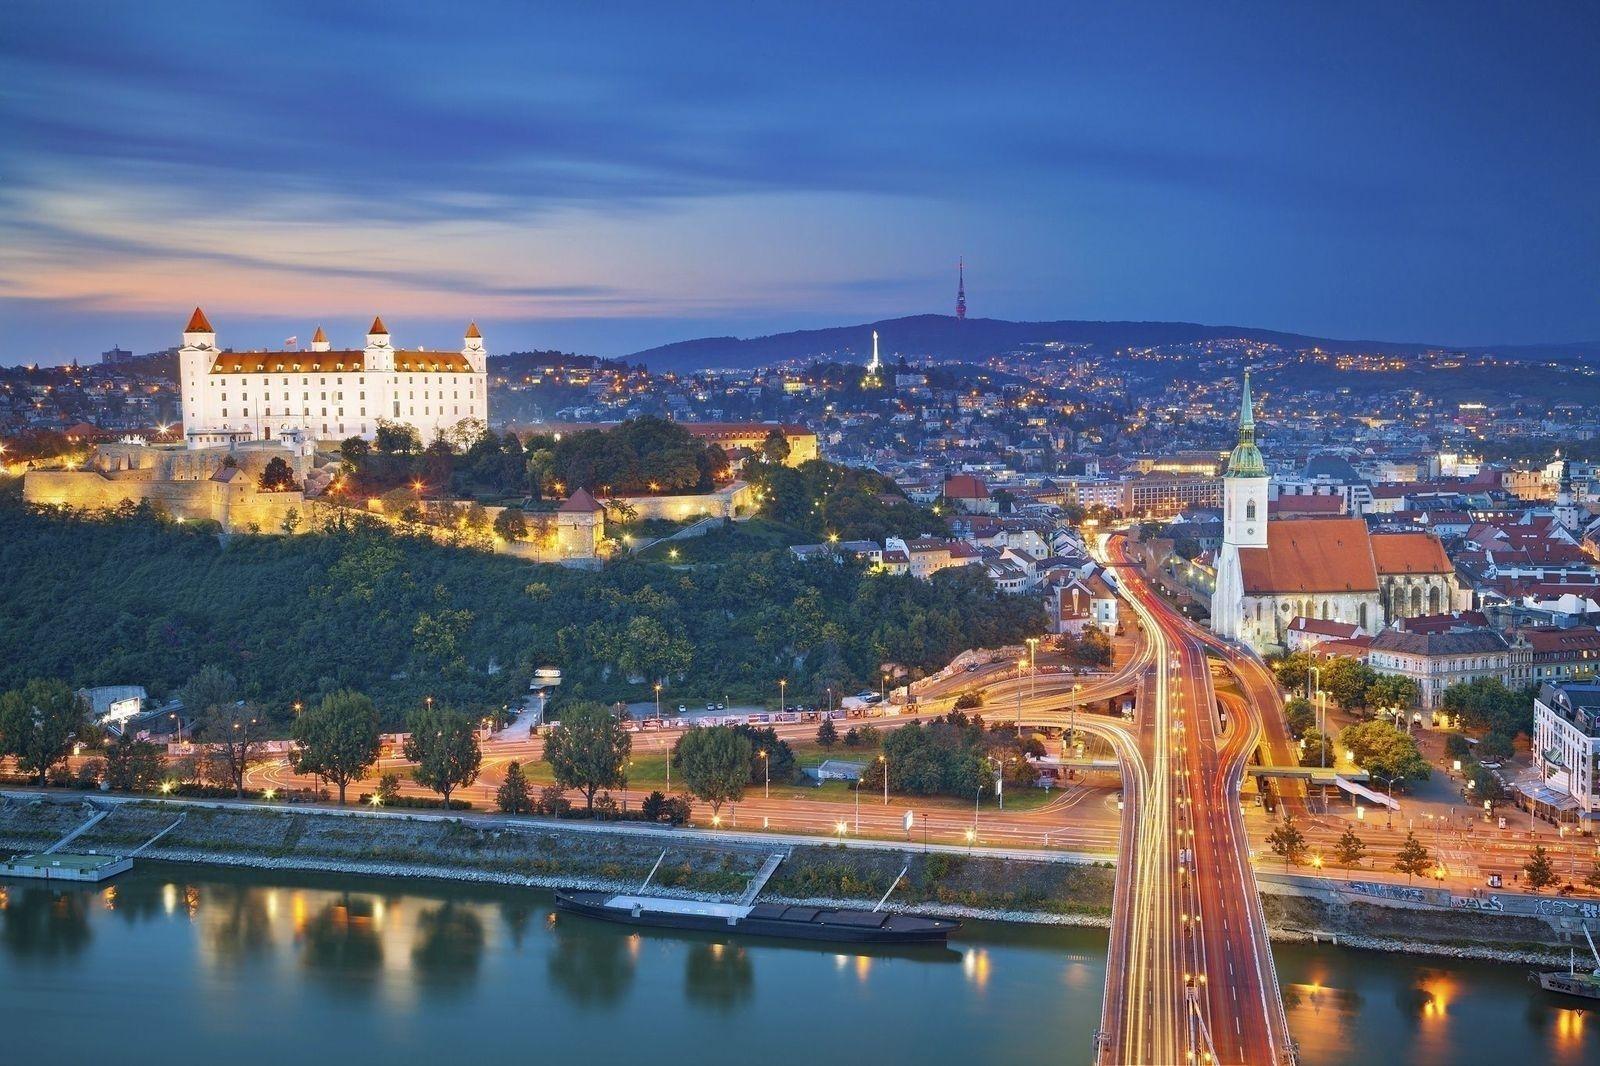 Бүгд найрамдах Словак улсын Засгийн газрын тэтгэлэгт хөтөлбөр зарлагдлаа